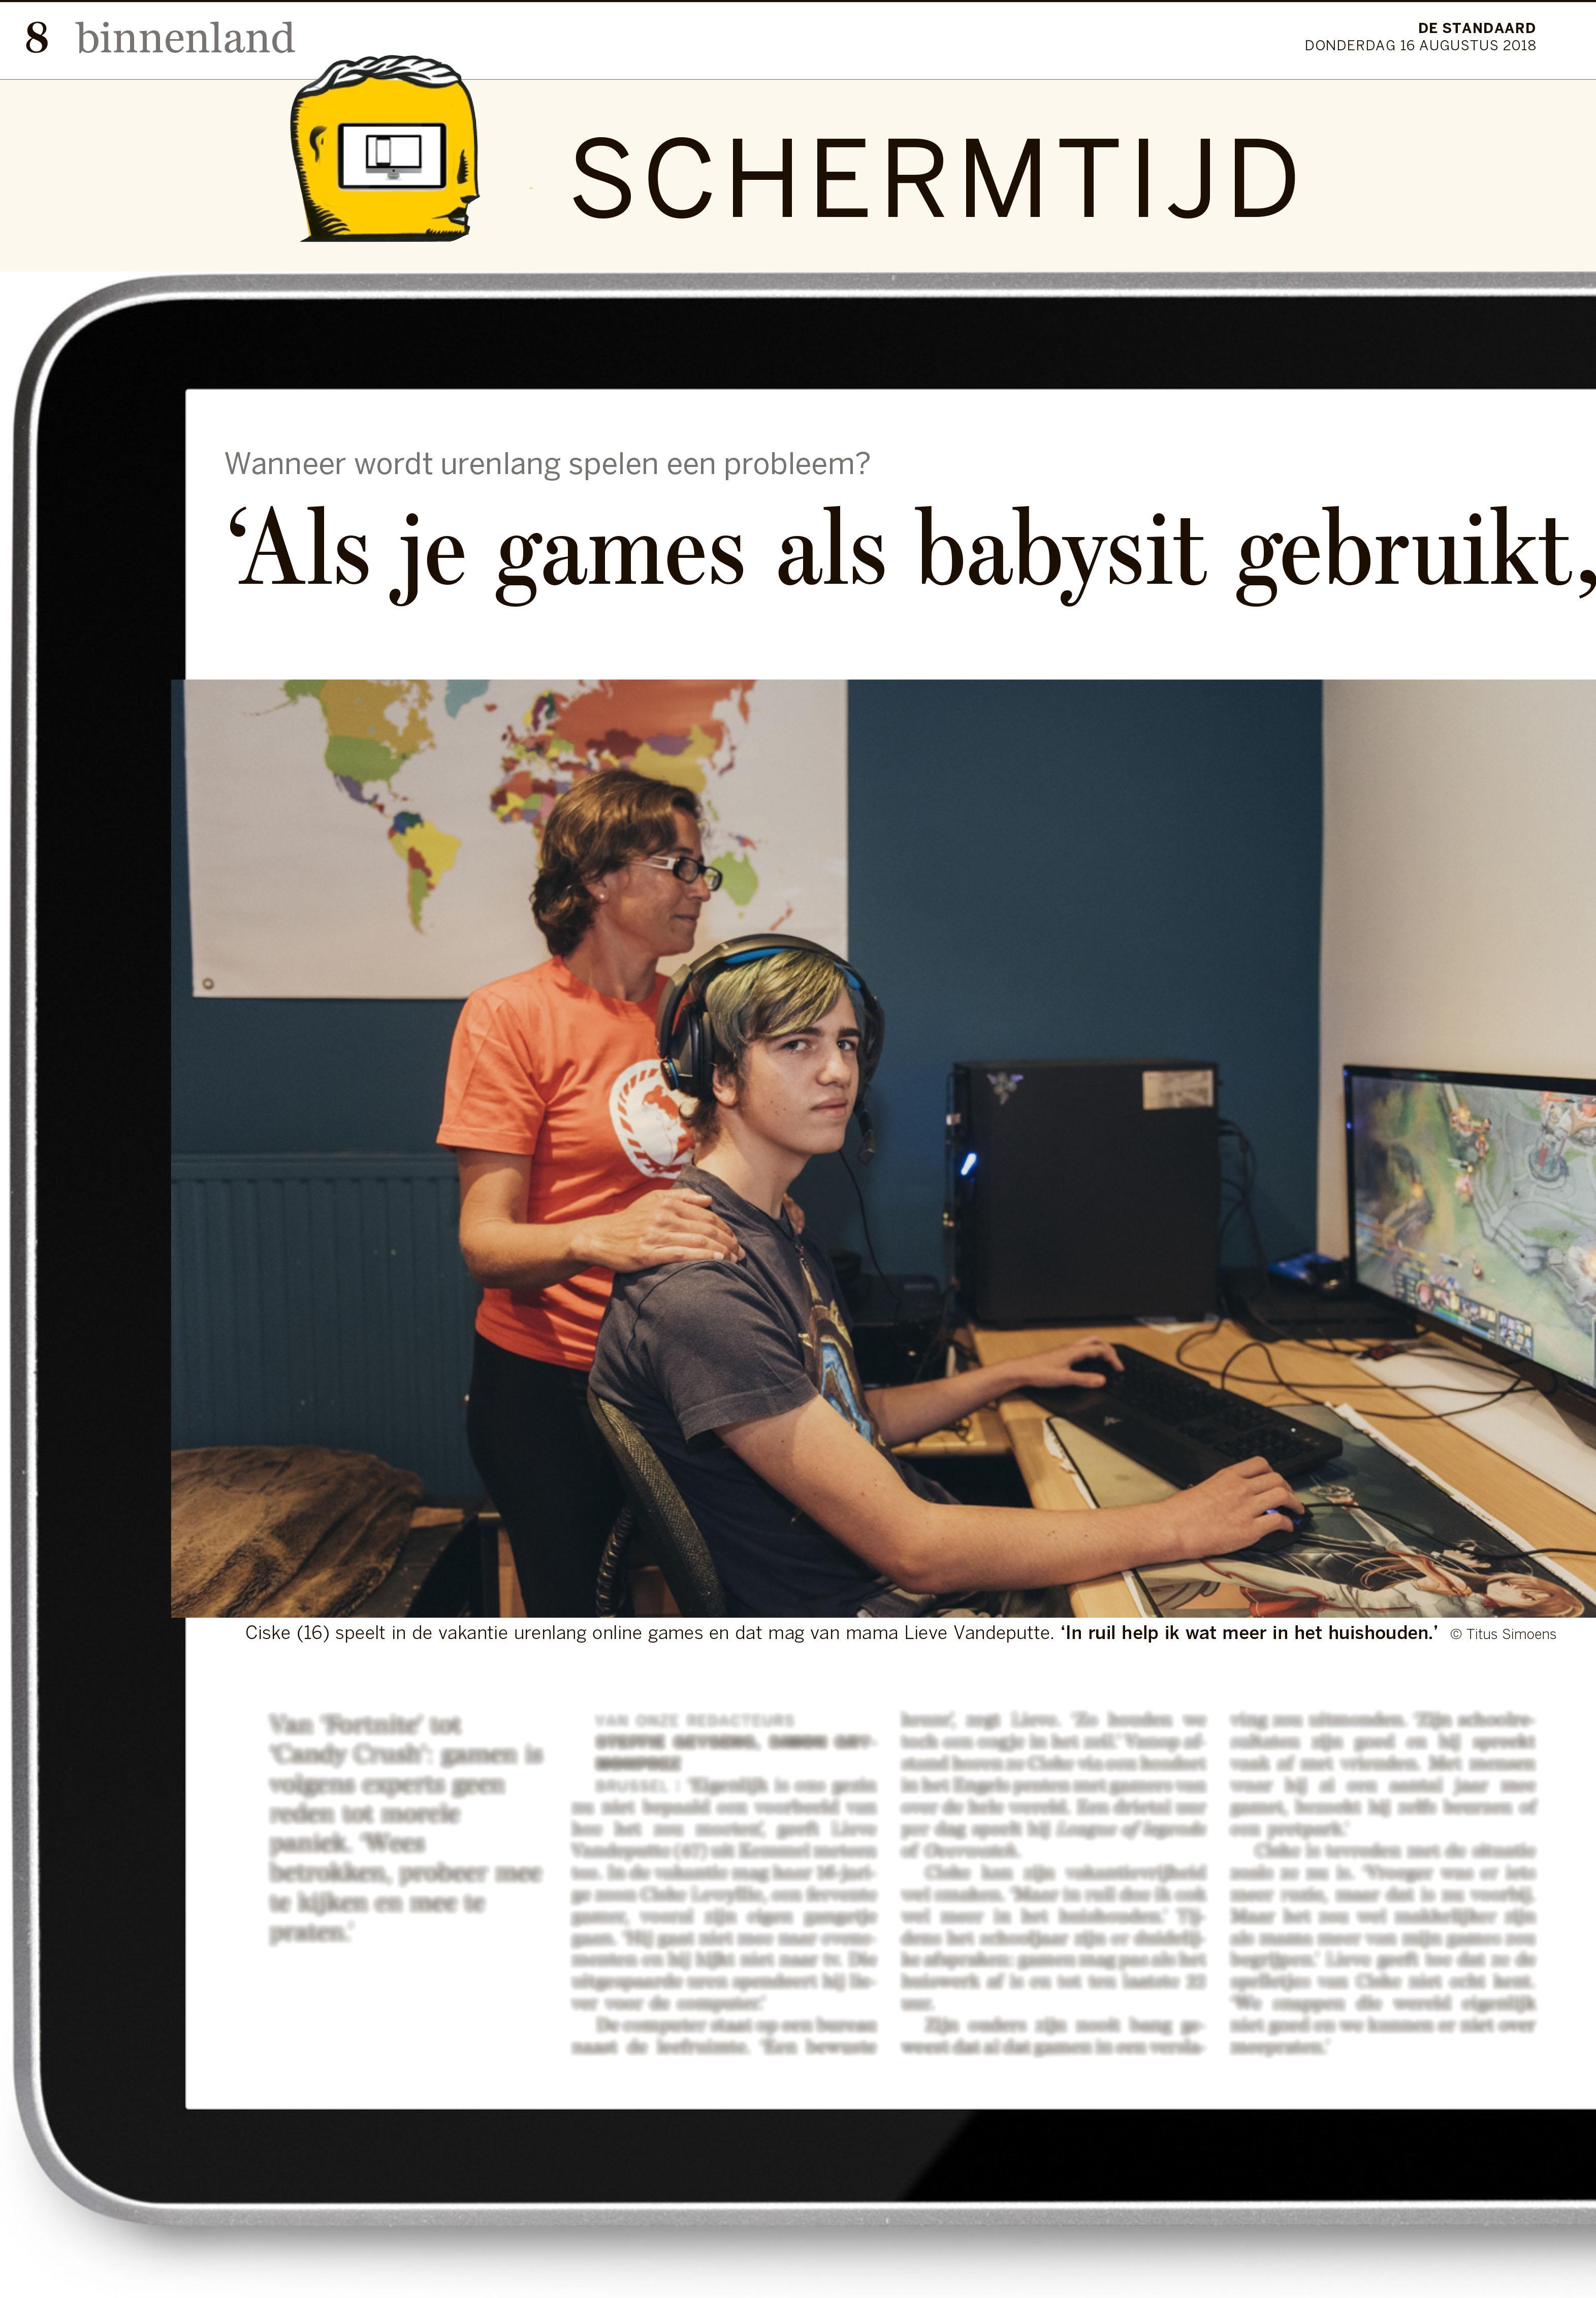 BRON: De Standaard, 16/08/2018, p8